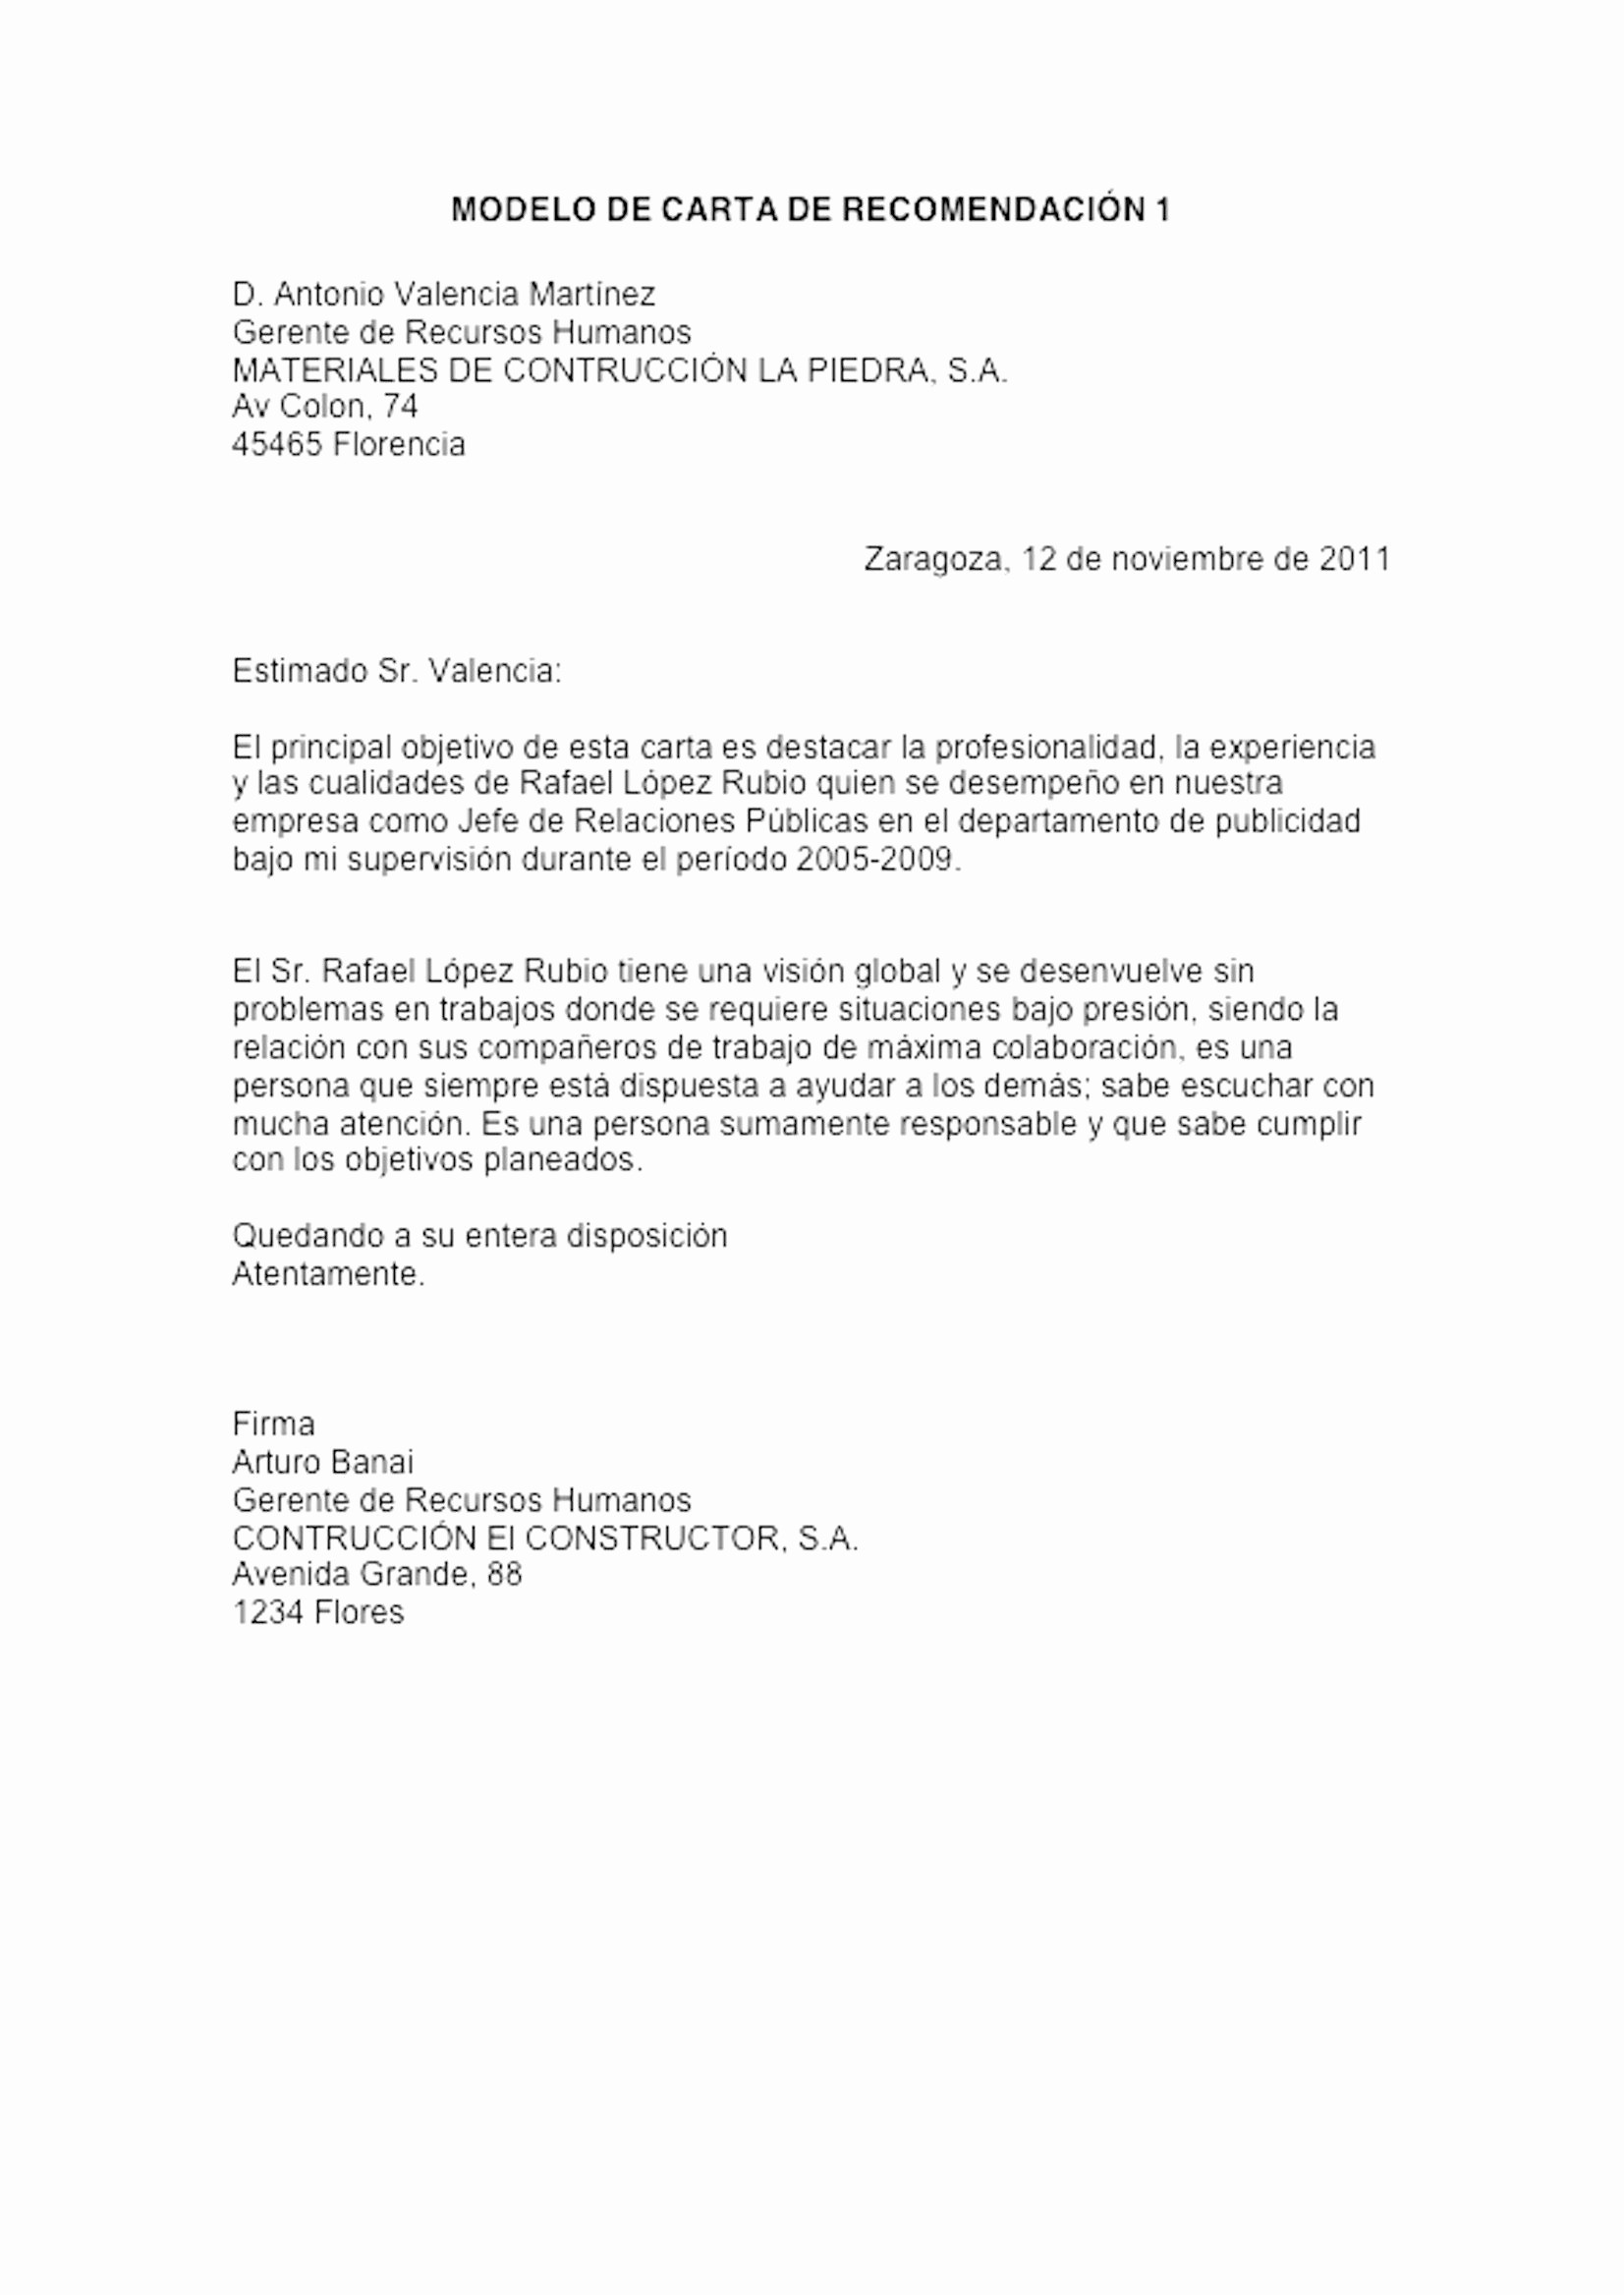 Formatos Cartas De Recomendacion Laboral Luxury Resultado De Imagen Para Carta De Re Endacion Machote